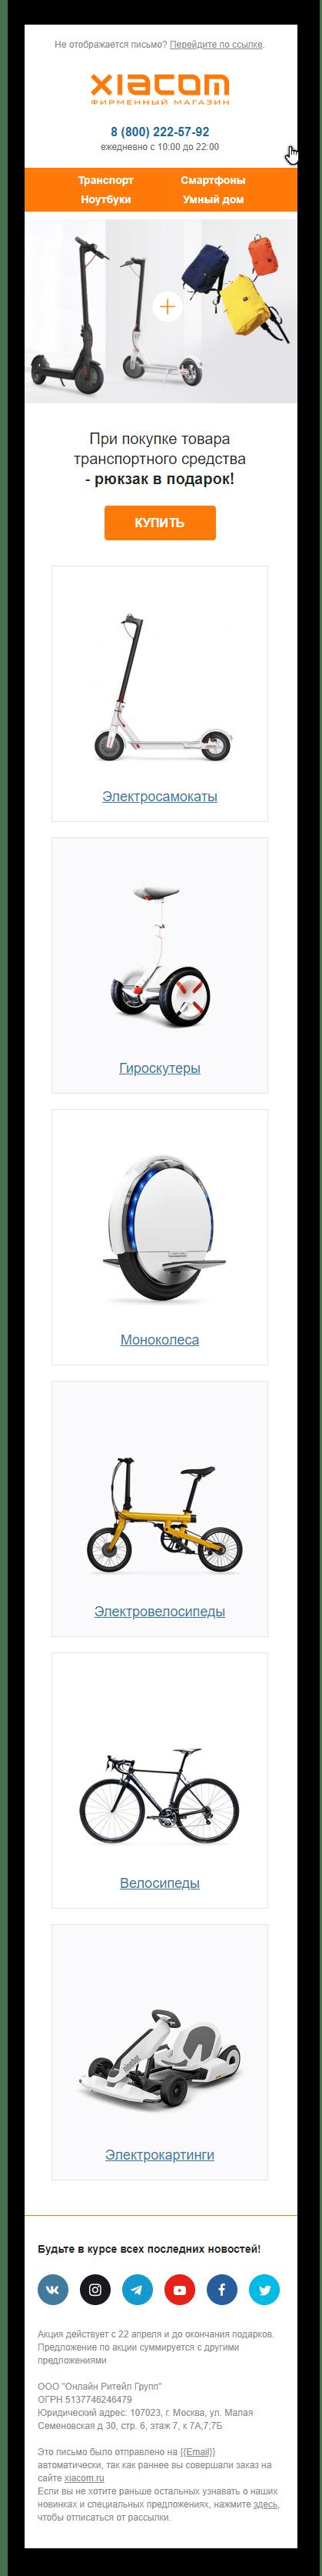 xiacom mobile